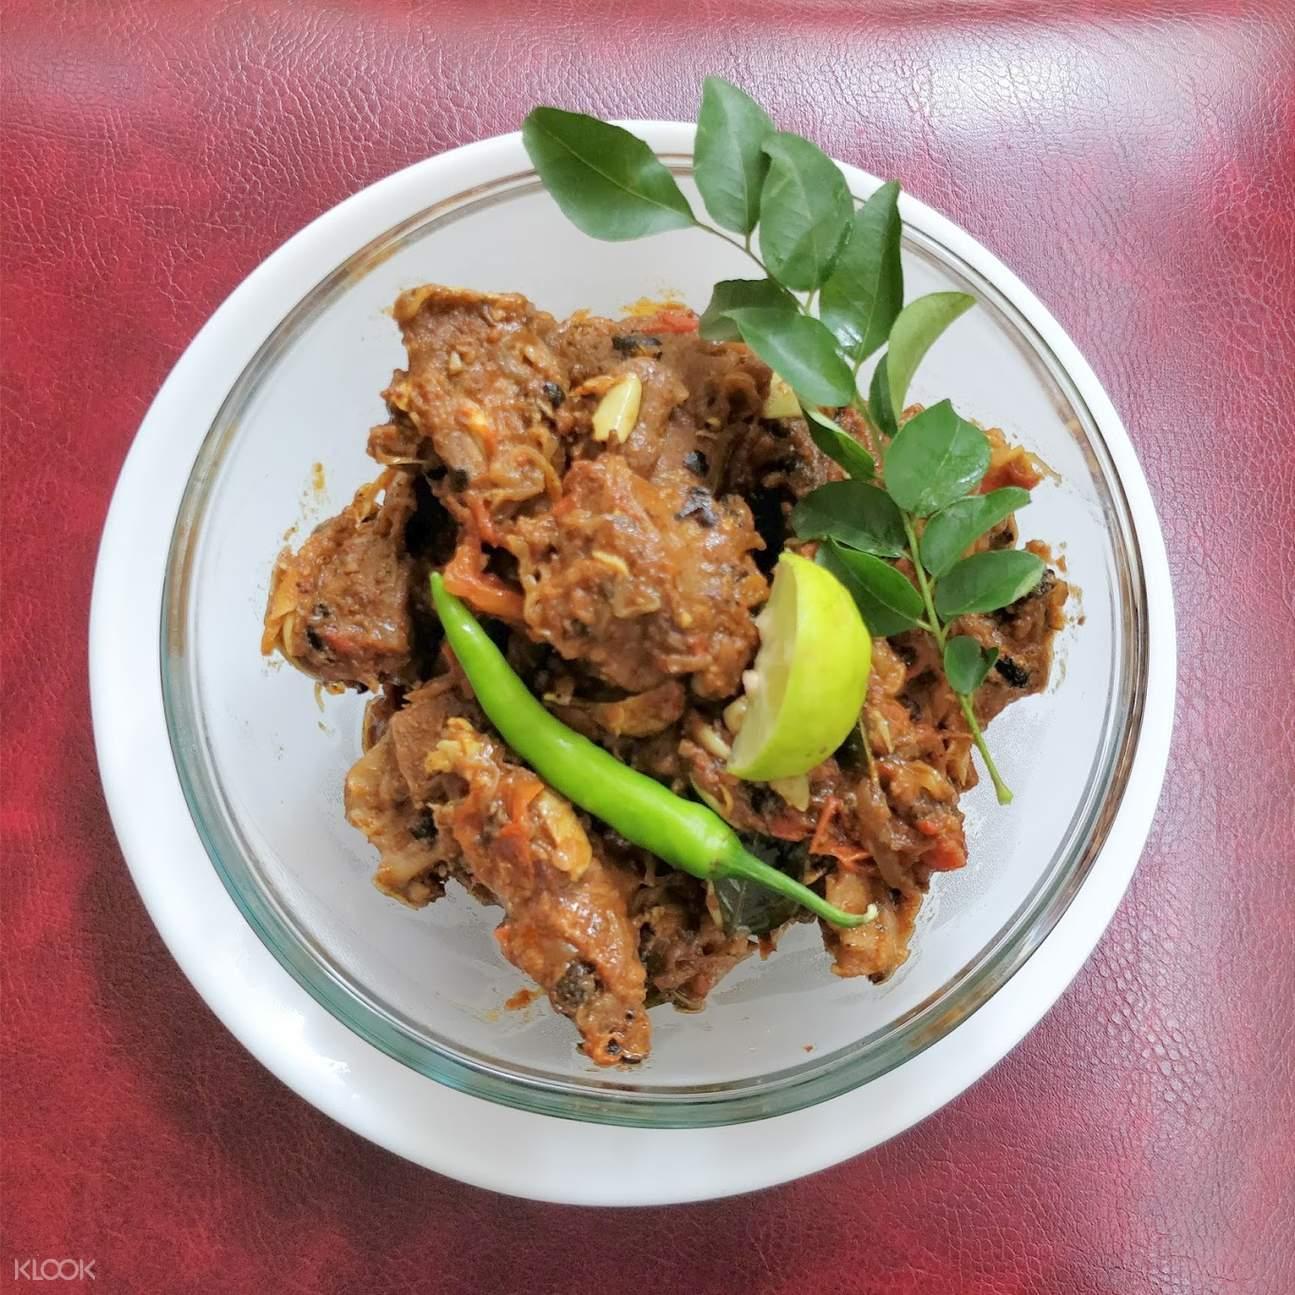 喀拉拉邦海岸私房美食体验